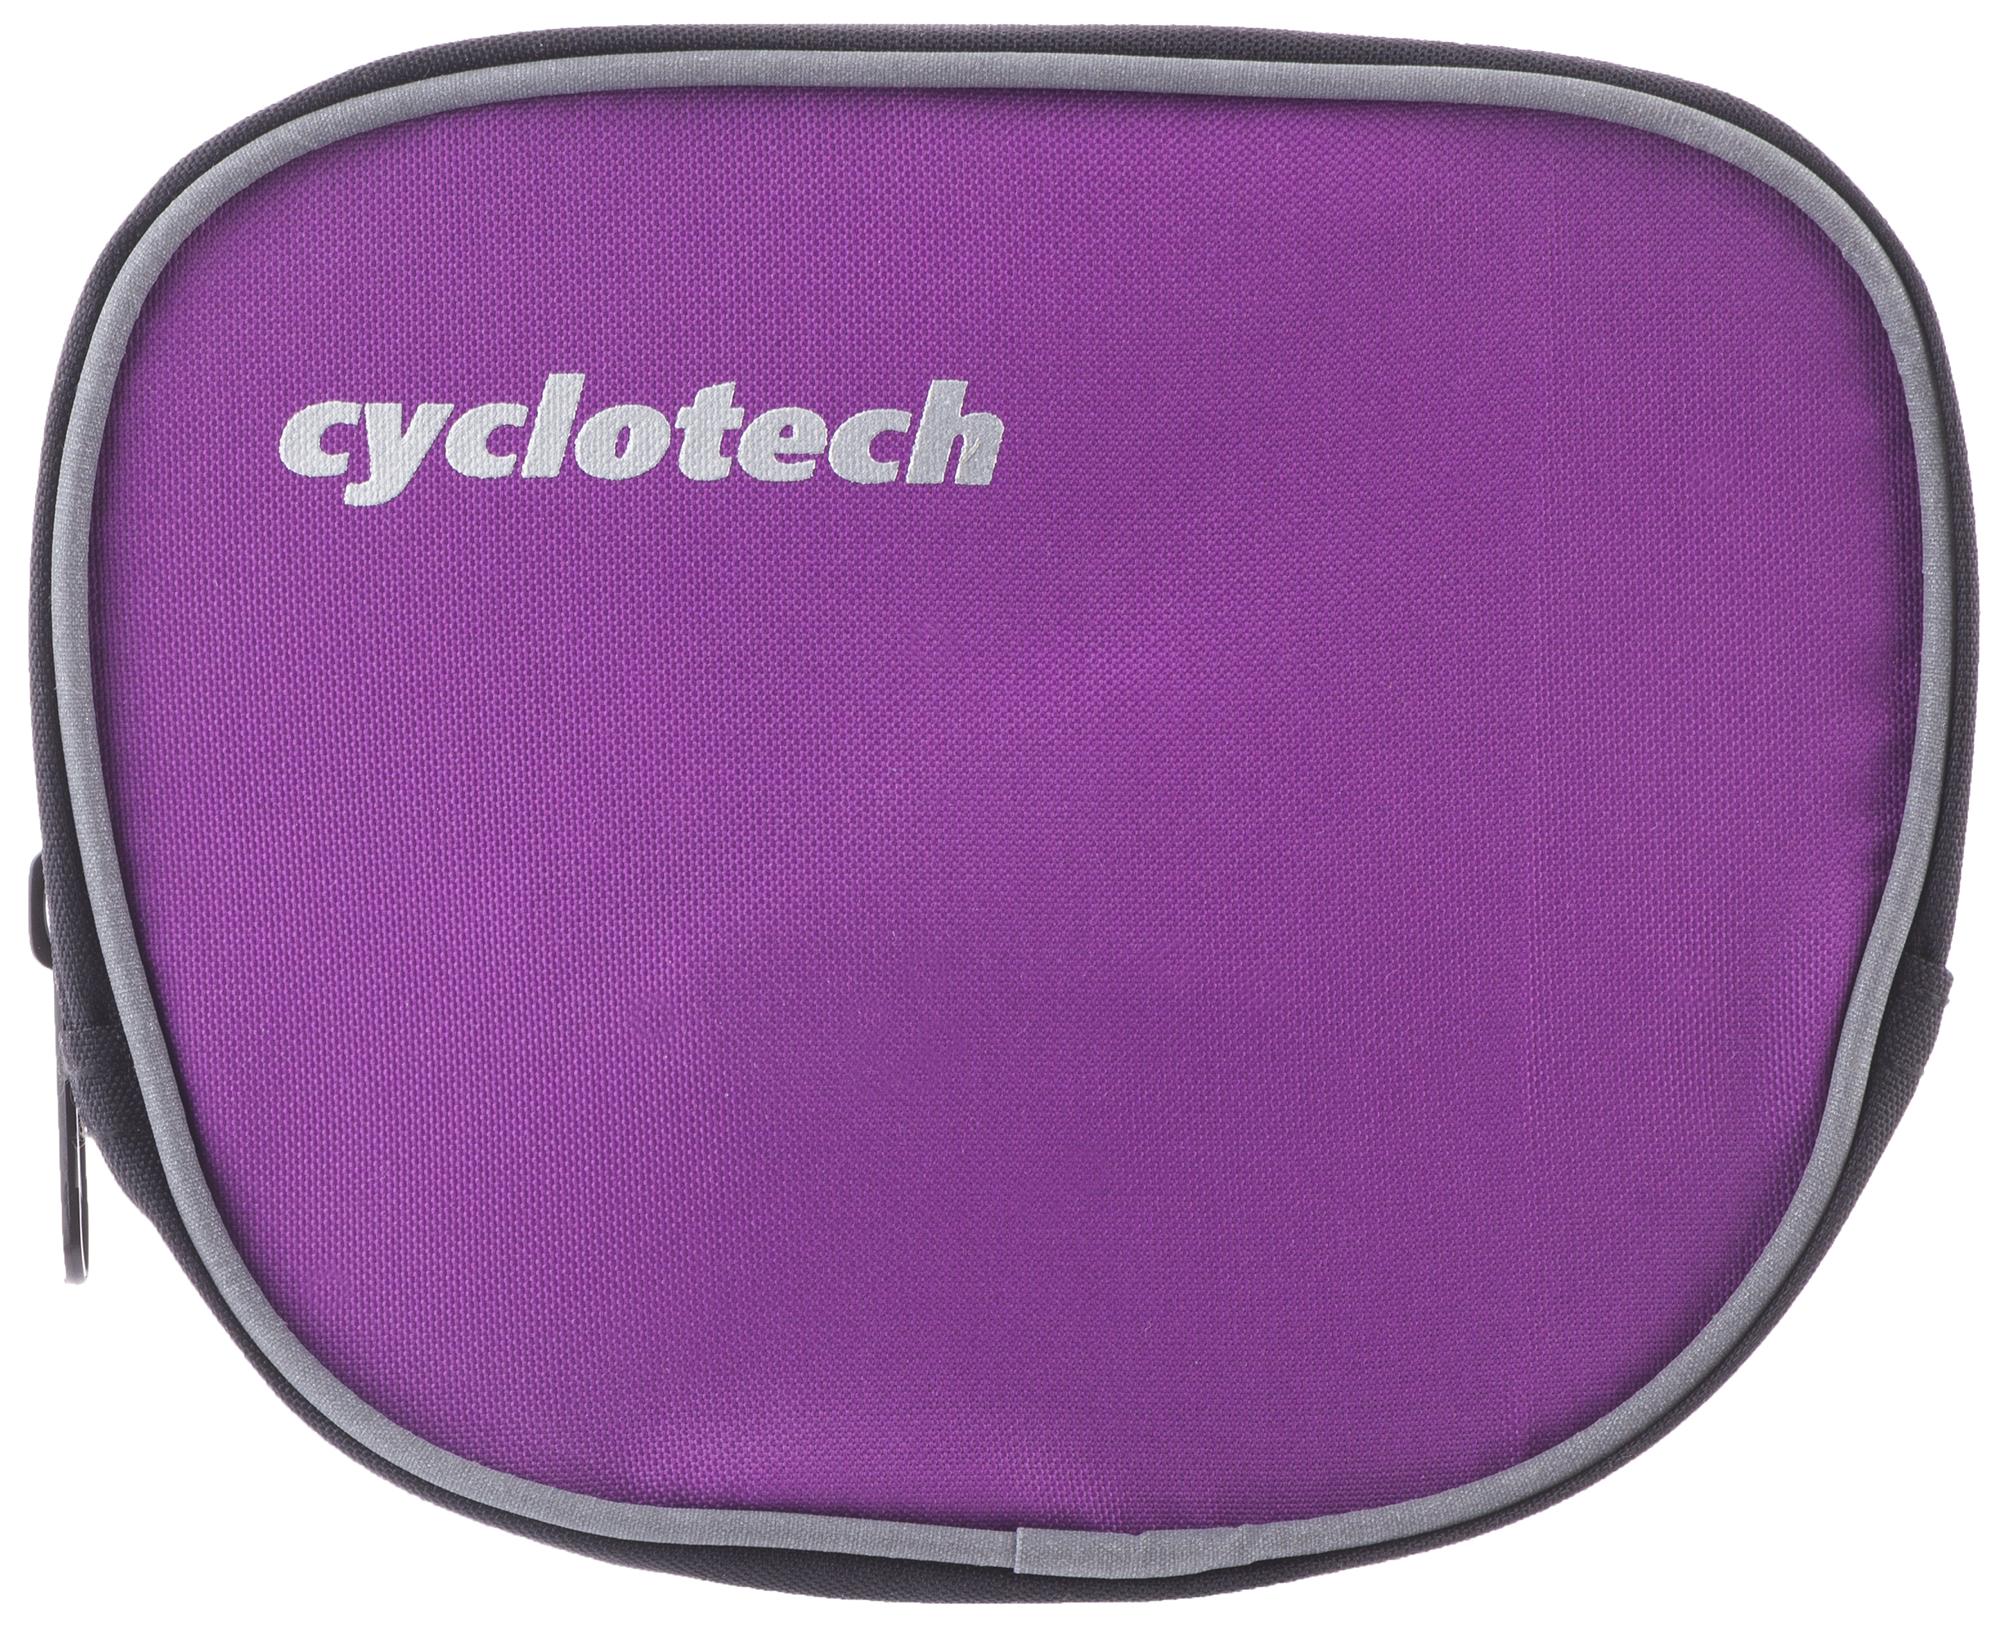 Cyclotech Велосипедная сумка Cyclotech cyclotech перчатки велосипедные cyclotech pilot